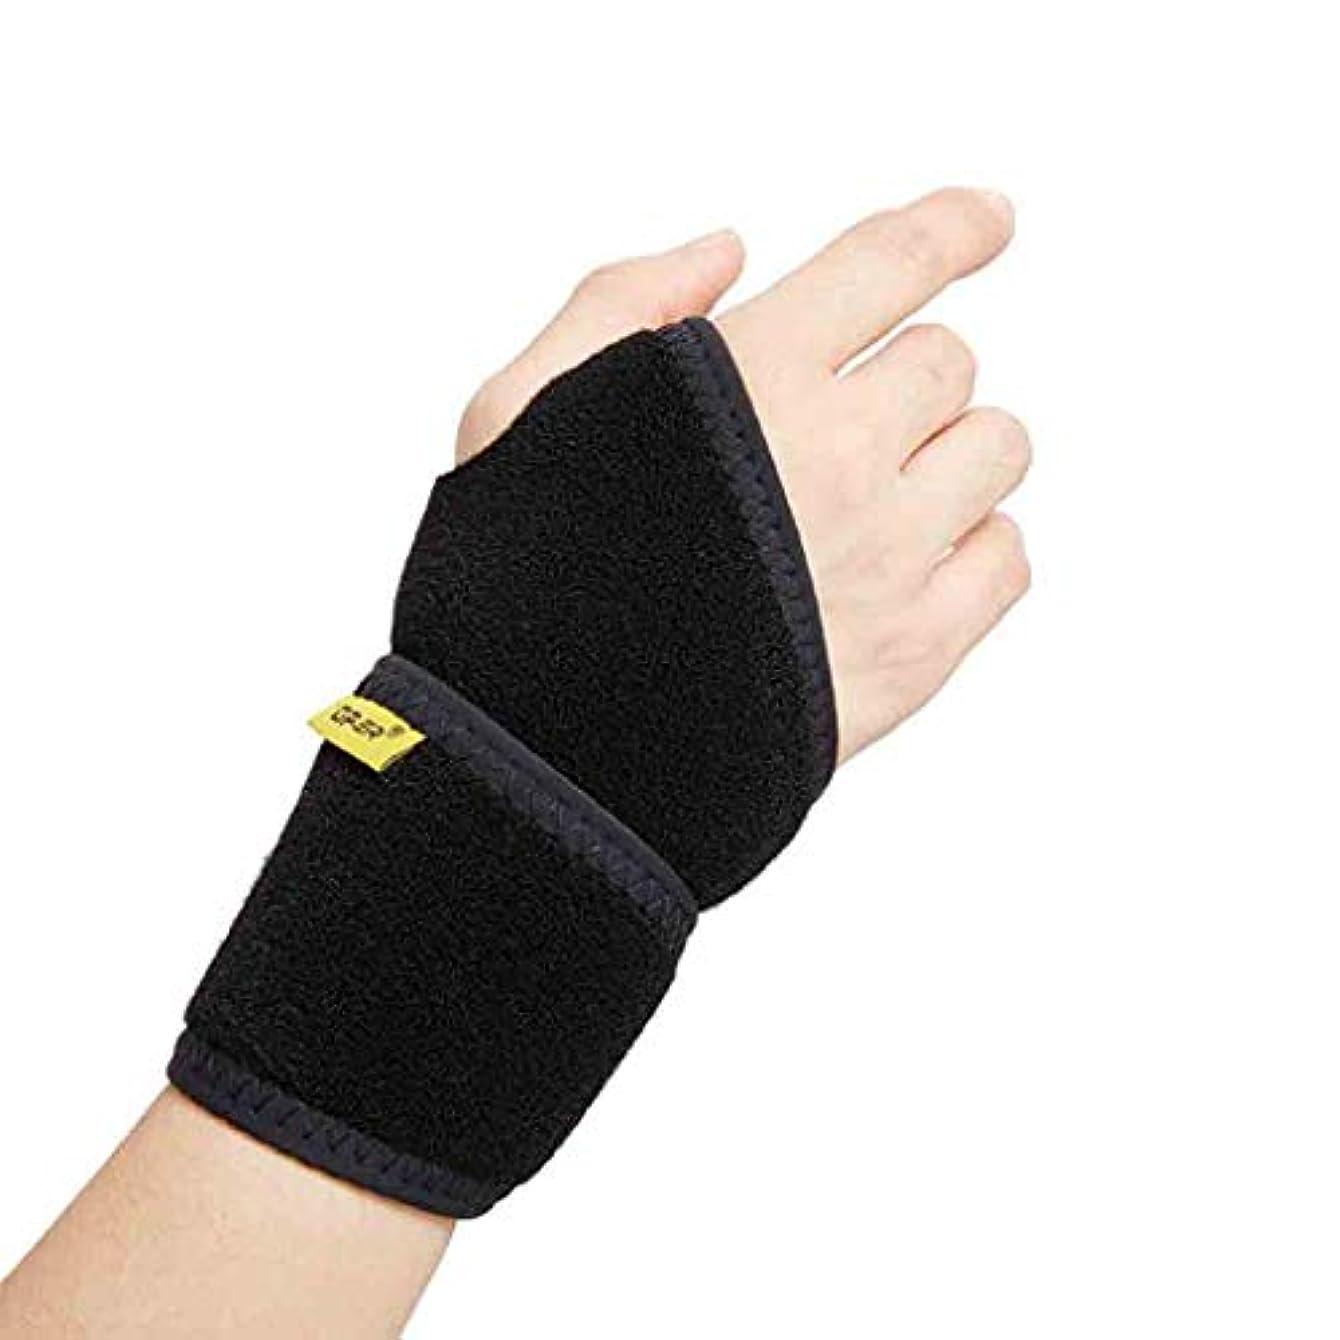 まともな却下するシルク関節炎のためのThumbのスプリントは右手の手首サポート左手手根サポートを手根管トンネルの痛みを軽減するための男性と女性をトリガー Roscloud@